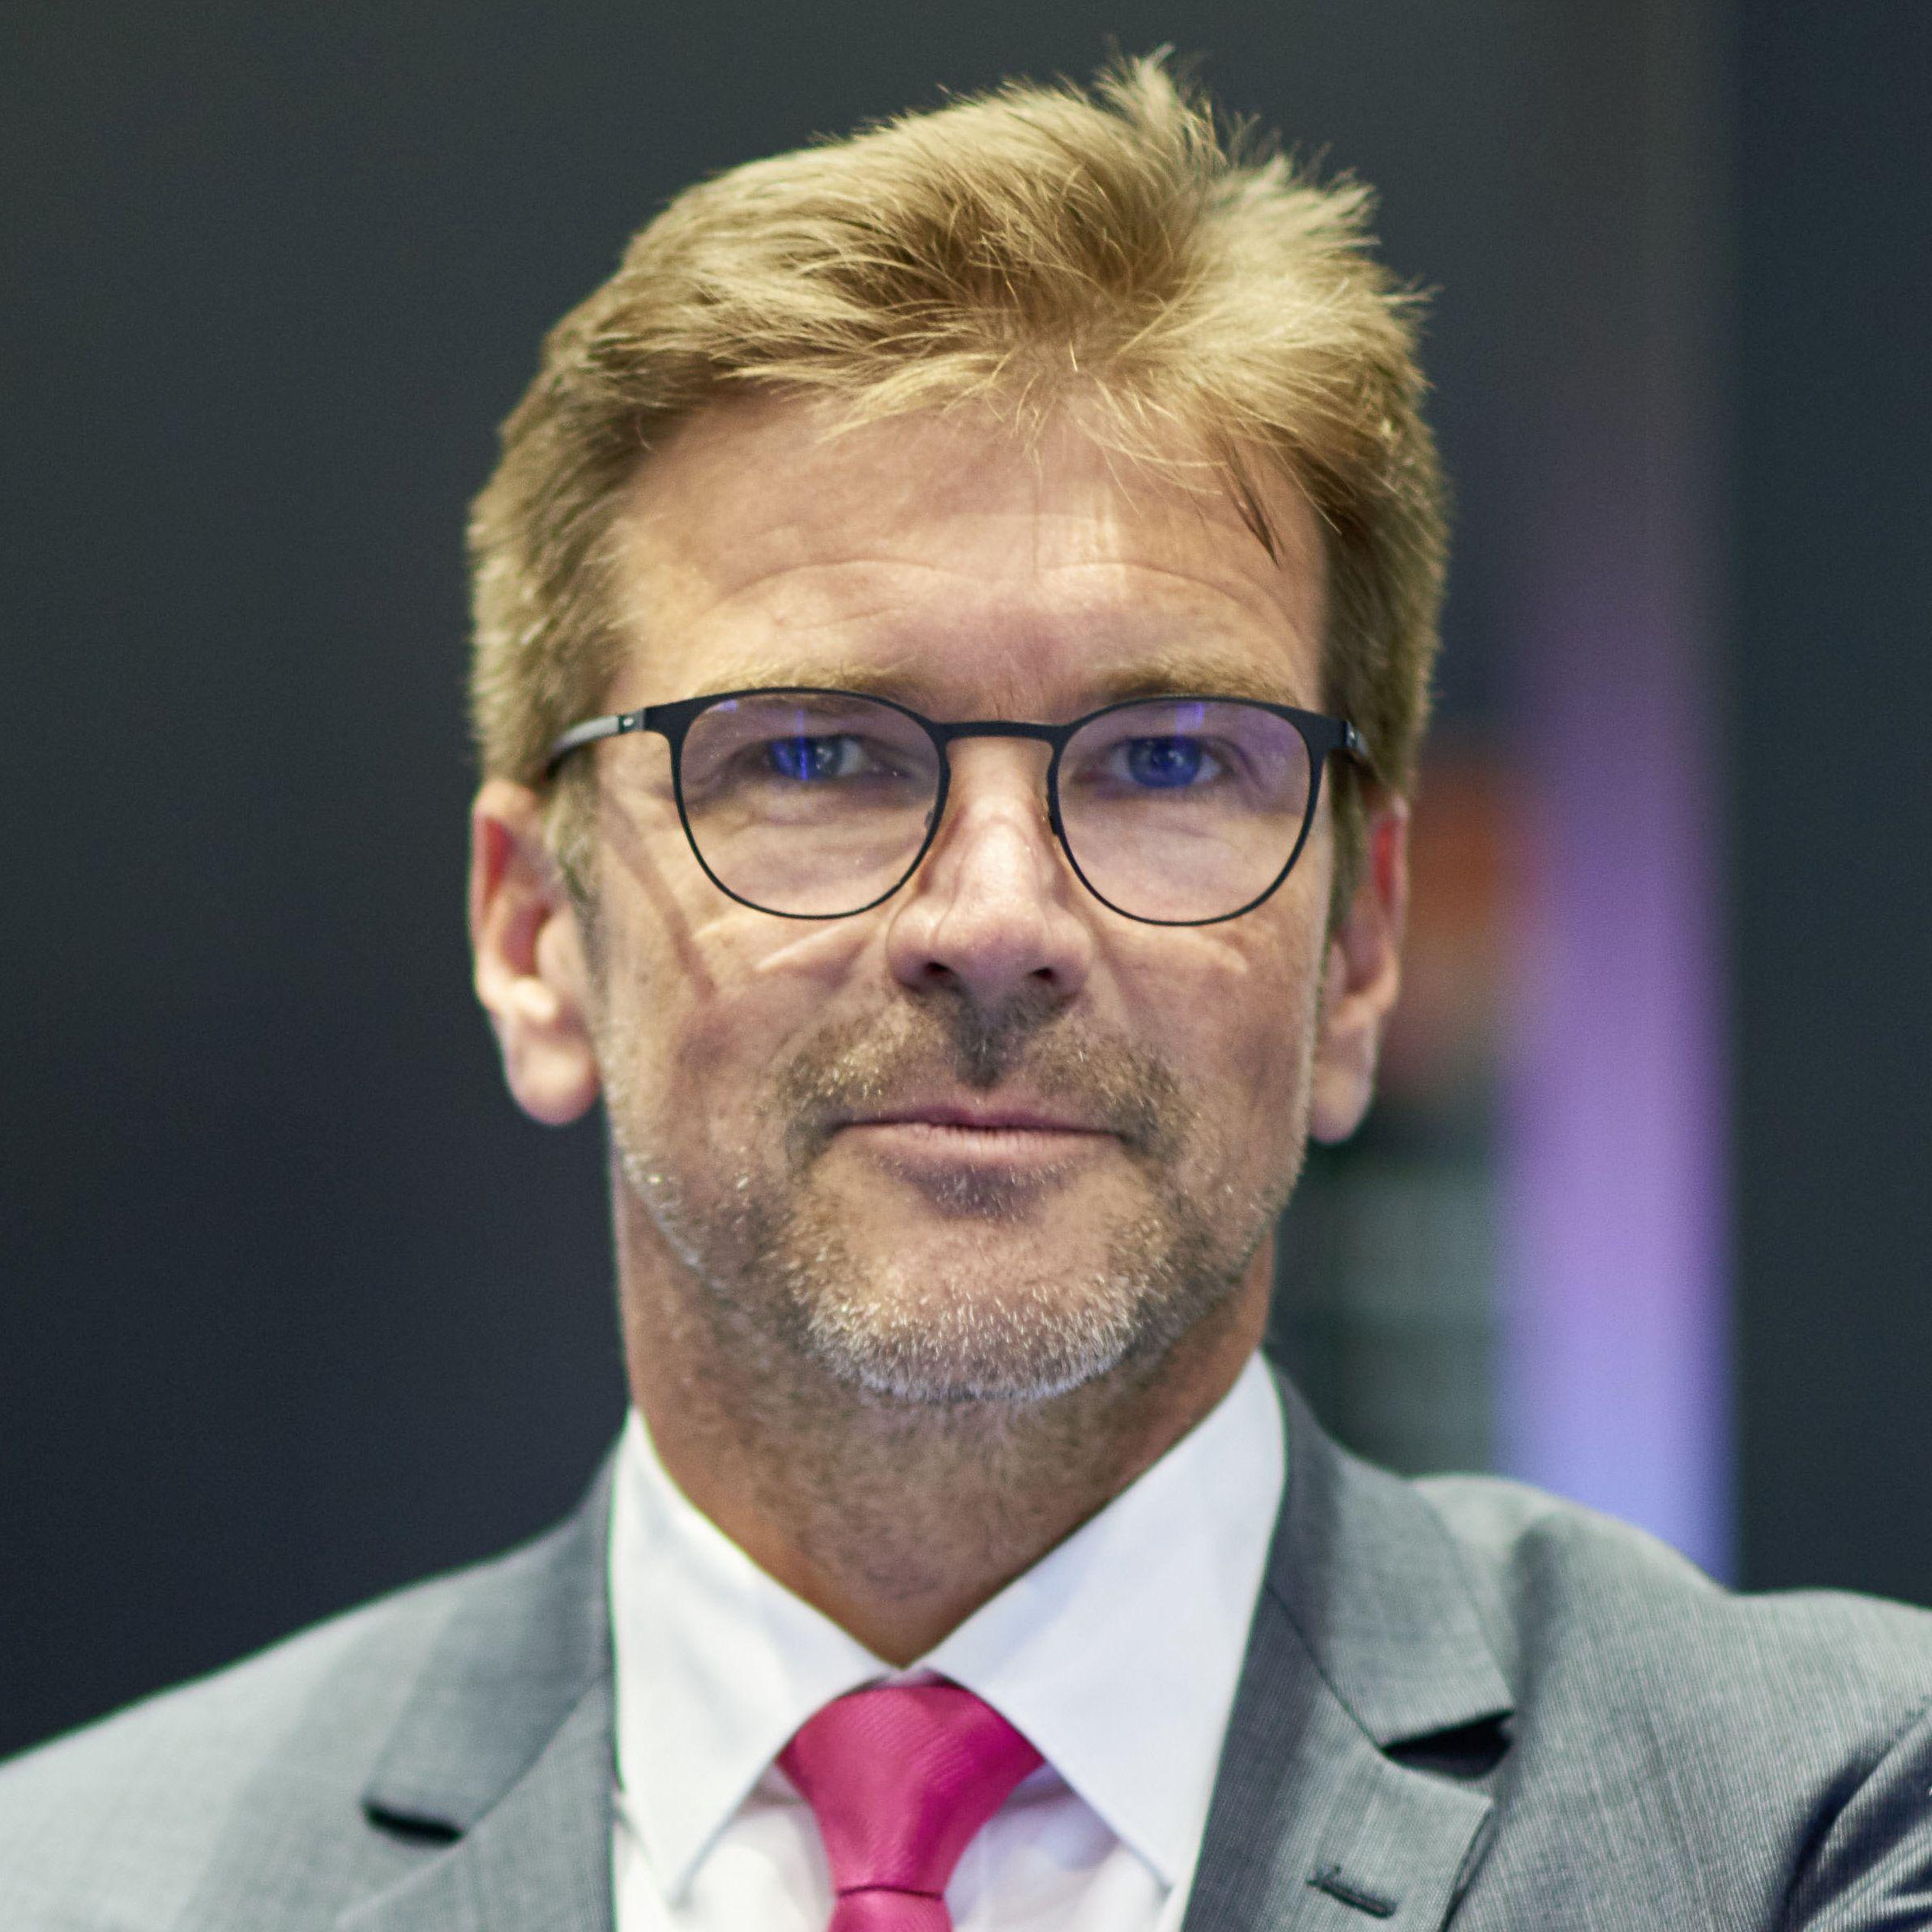 Michael Nicolai, Rittal GmbH & Co. KG